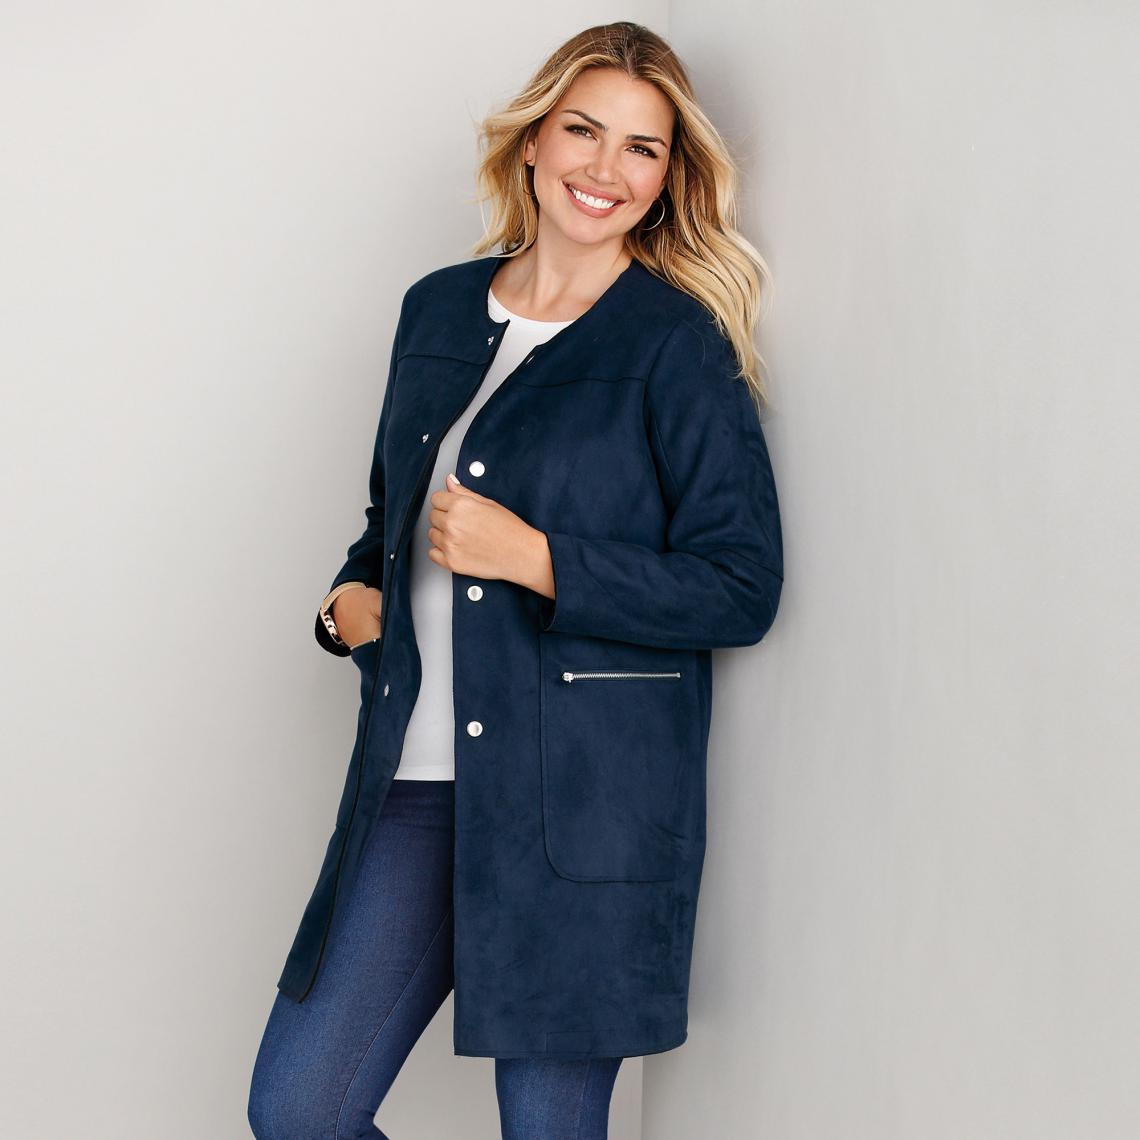 fd5c421271b Manteau à pressions poches zippées et col rond grandes tailles femme - Bleu  Marine 3 SUISSES